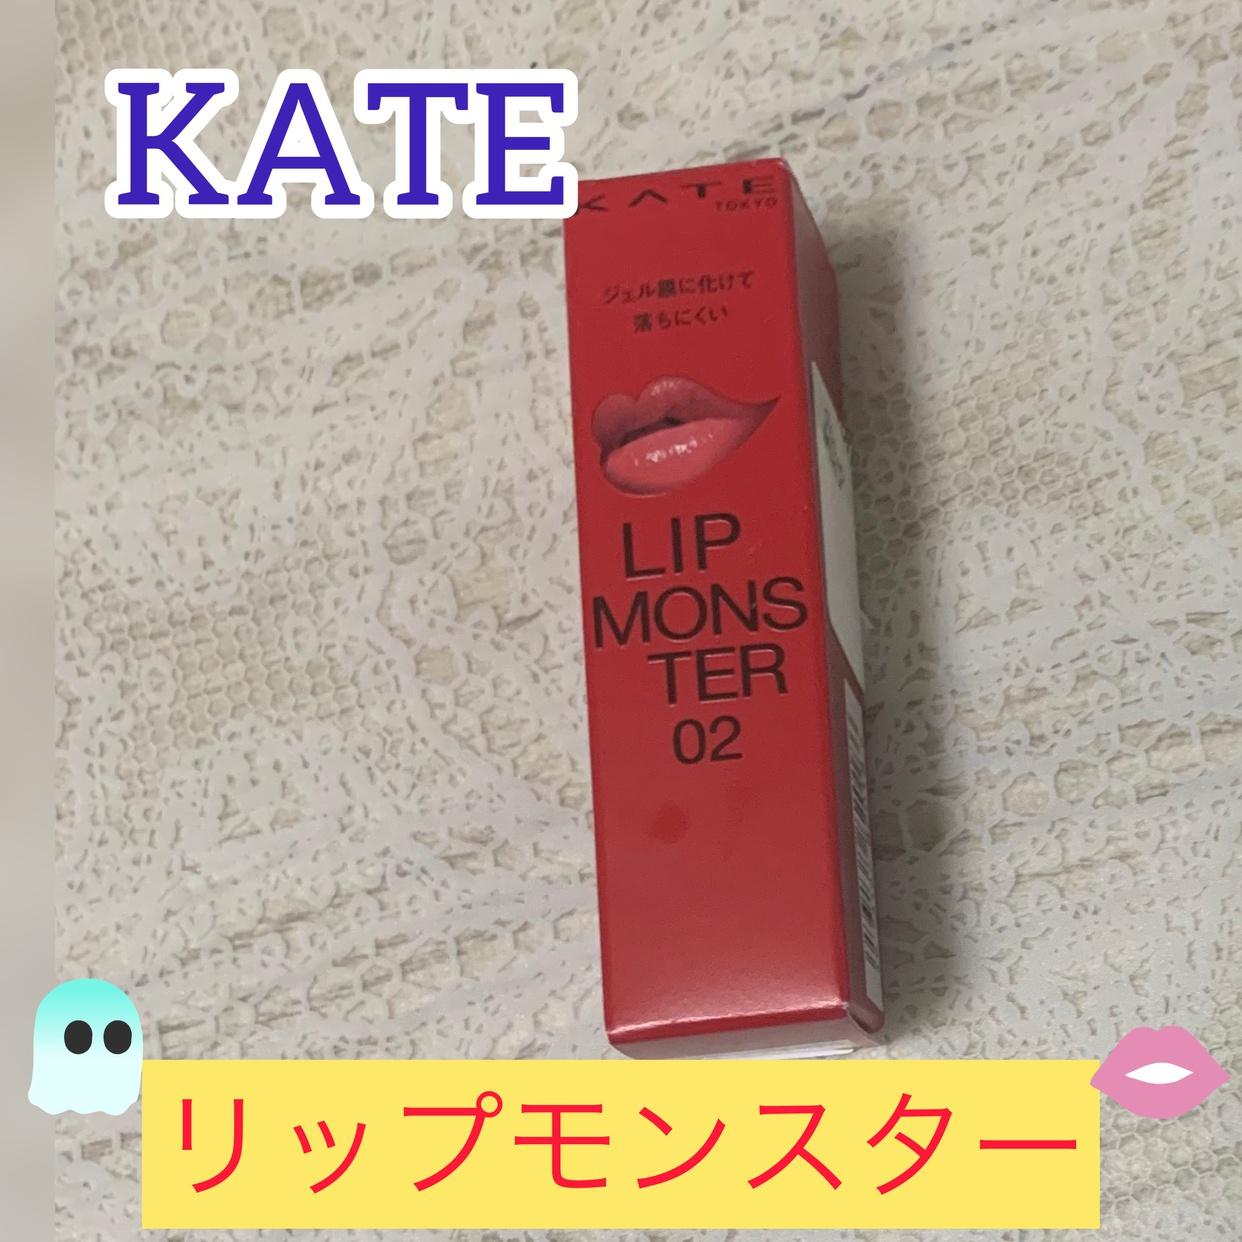 KATE(ケイト) リップモンスターを使ったalikoさんのクチコミ画像